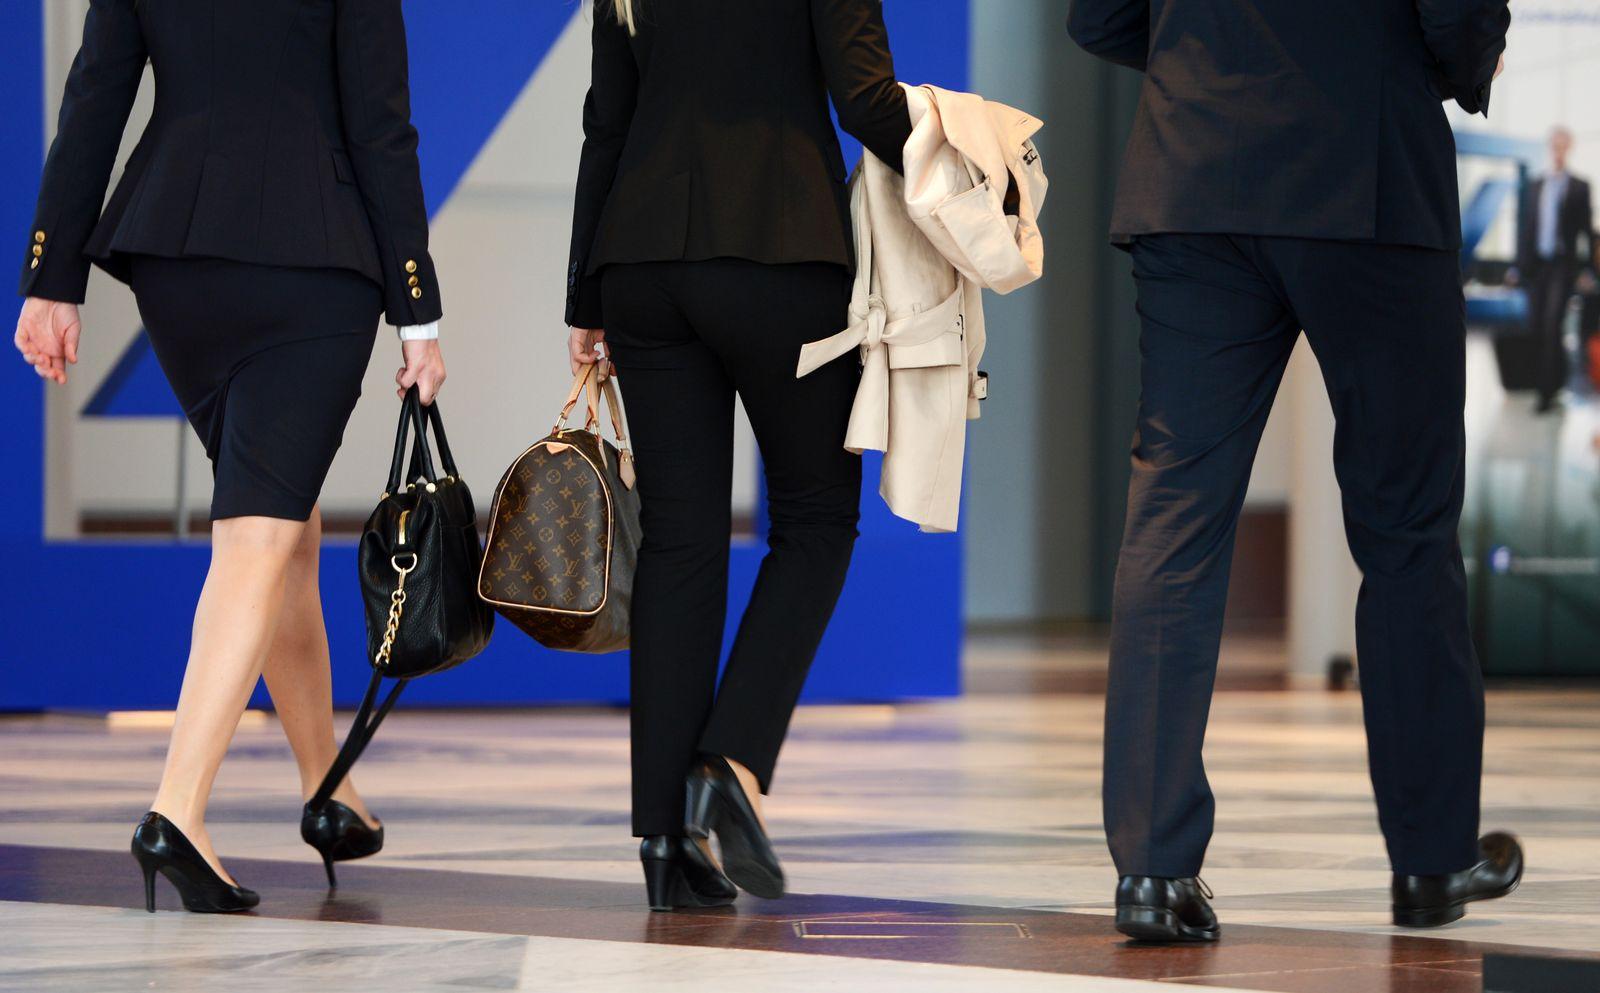 Chefin / Frauen / Karriere /Frauenquote / Managerin